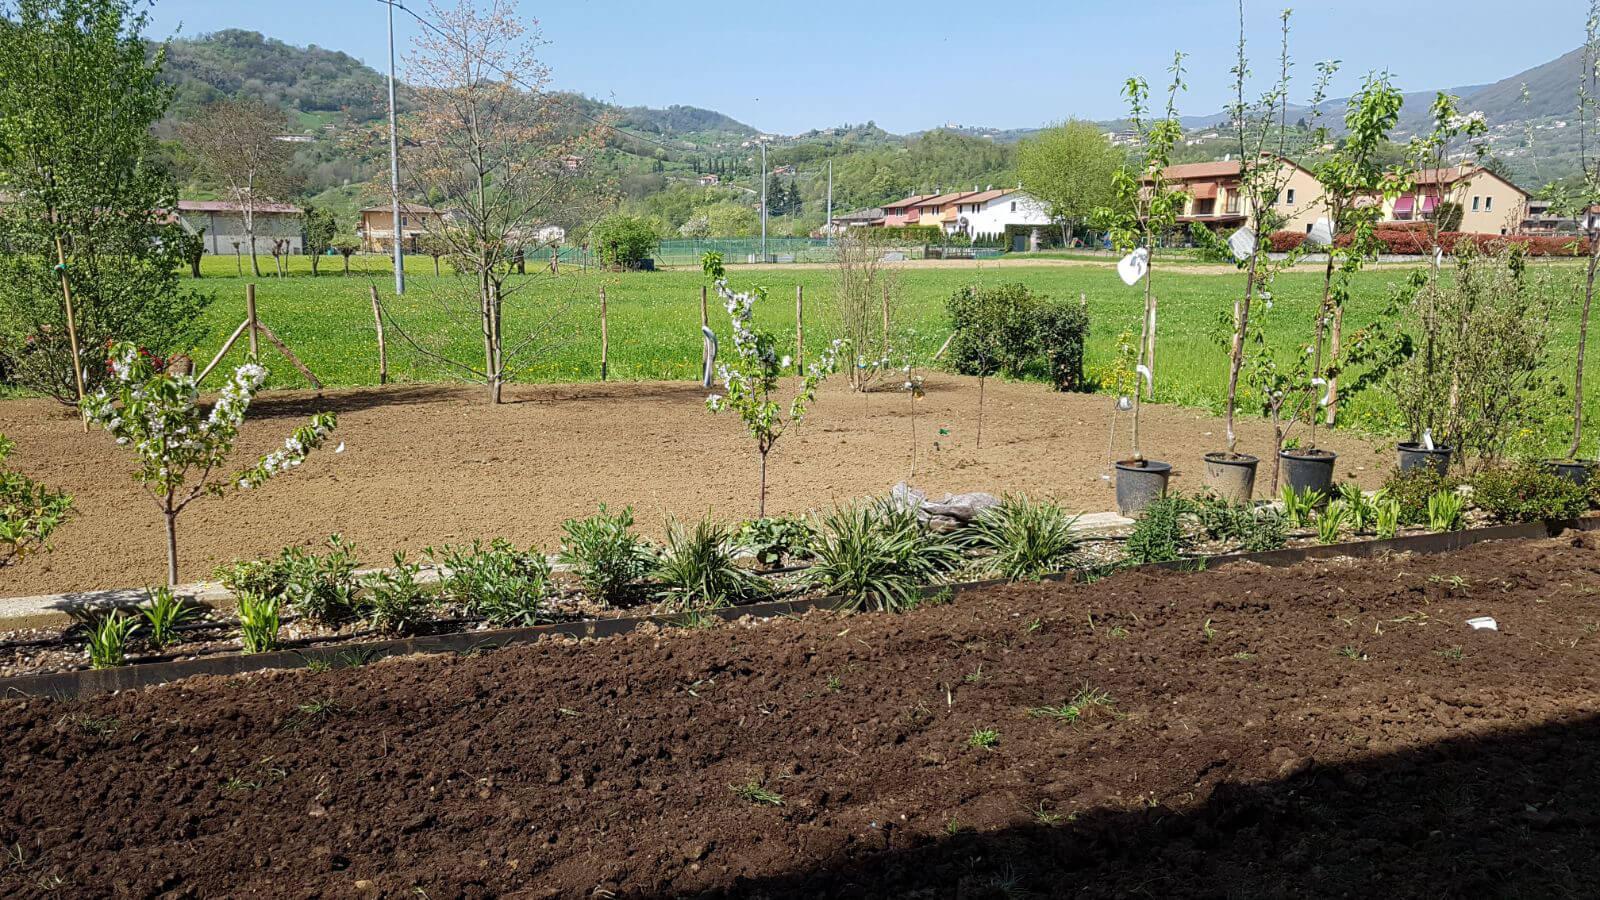 progettazione realizzazione giardini marostica - verde blu giardini 6